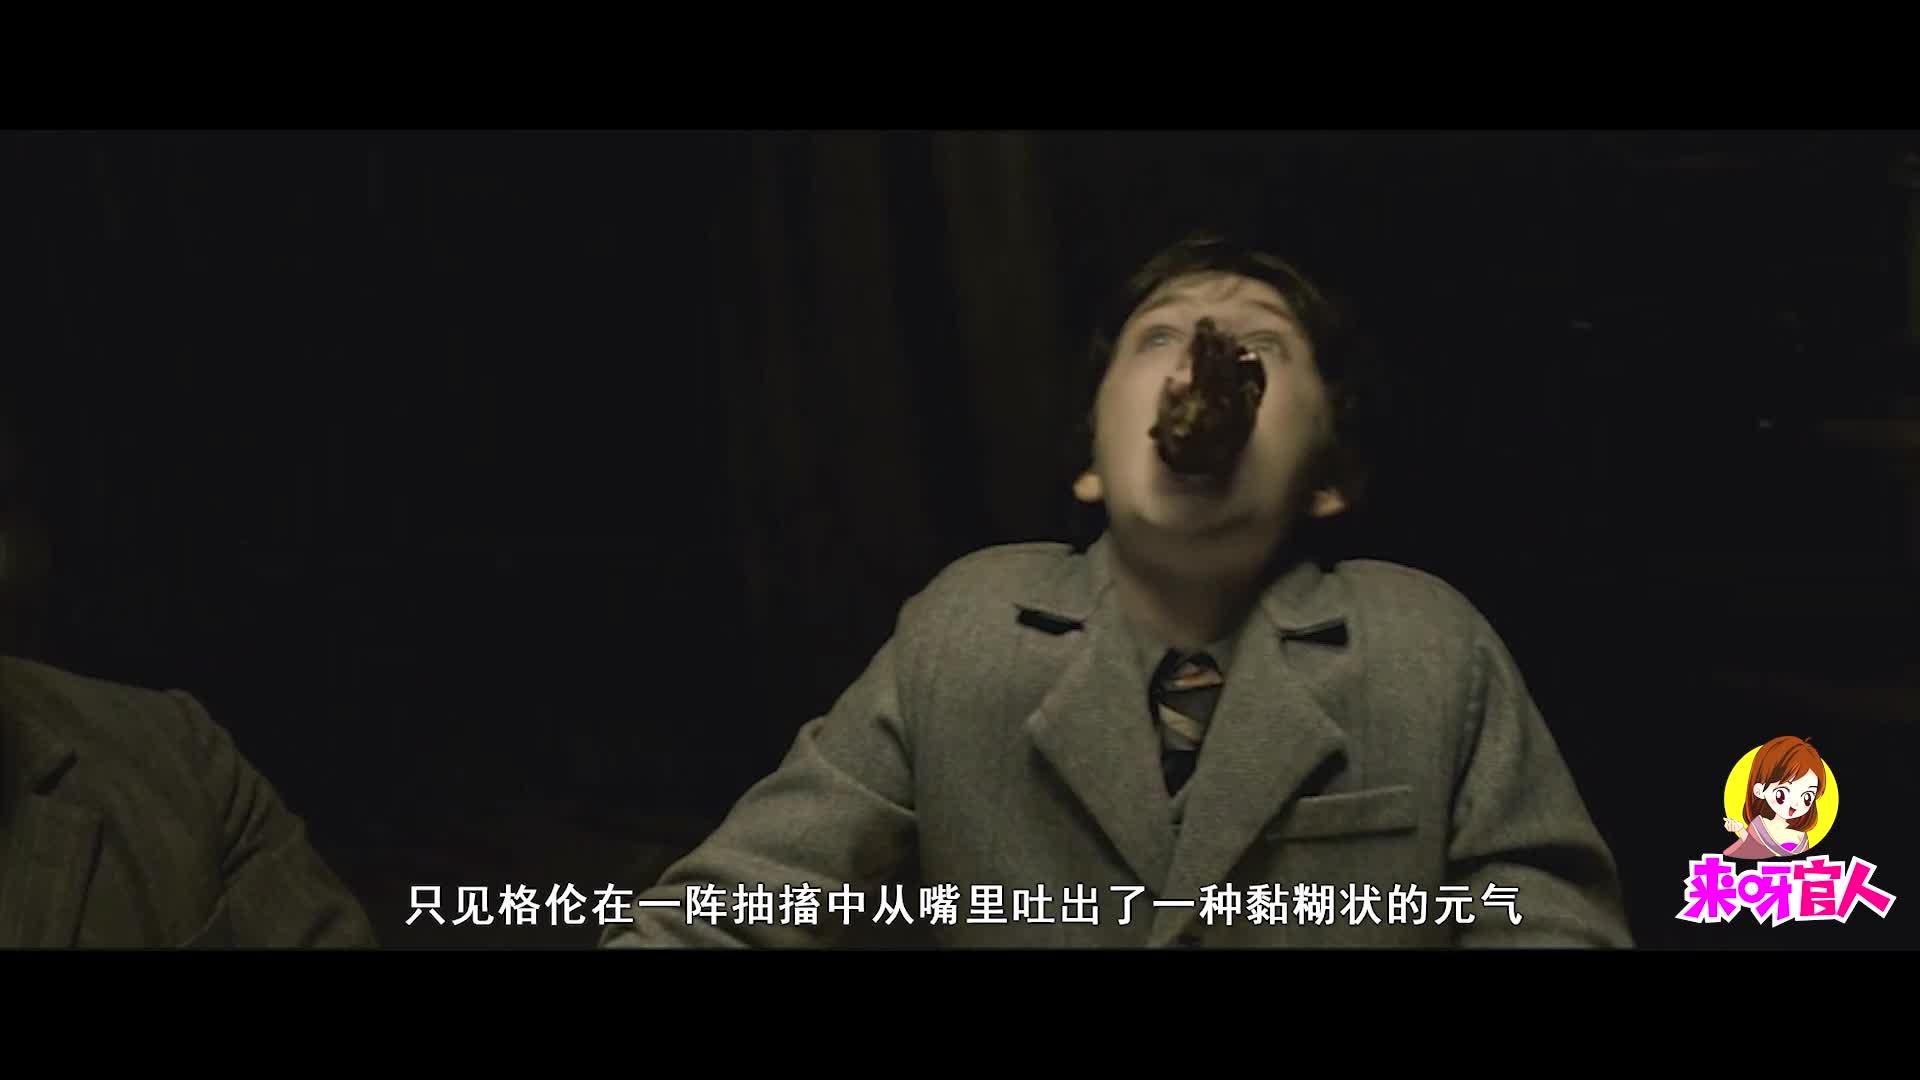 #追剧不能停#《太平间闹鬼事件》:根据真实事件改编的恐怖电影!__10